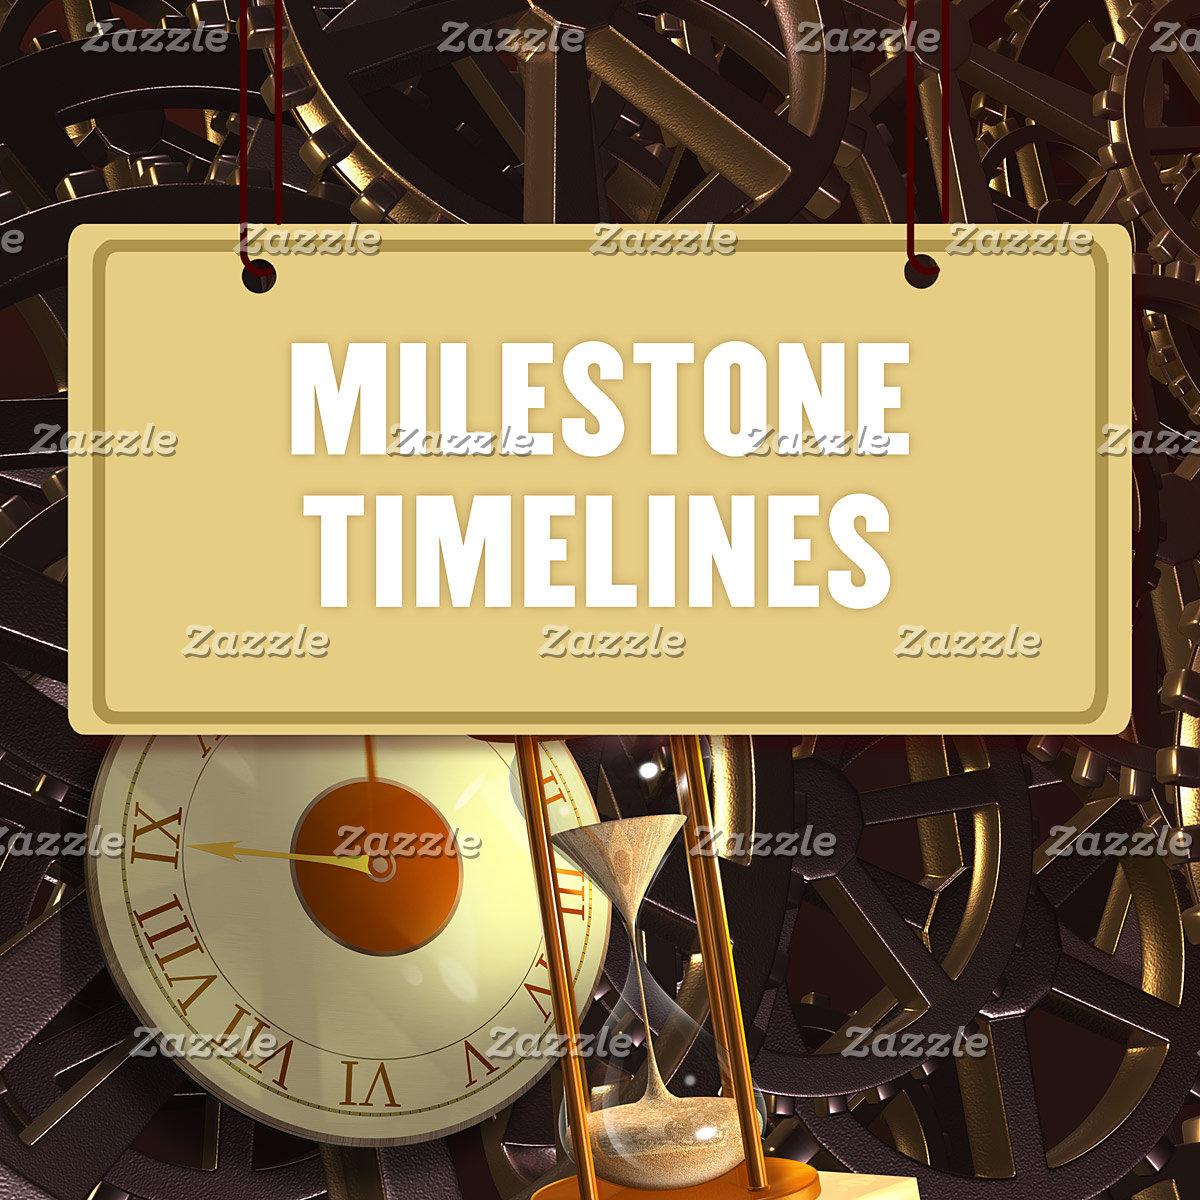 Milestone Timelines